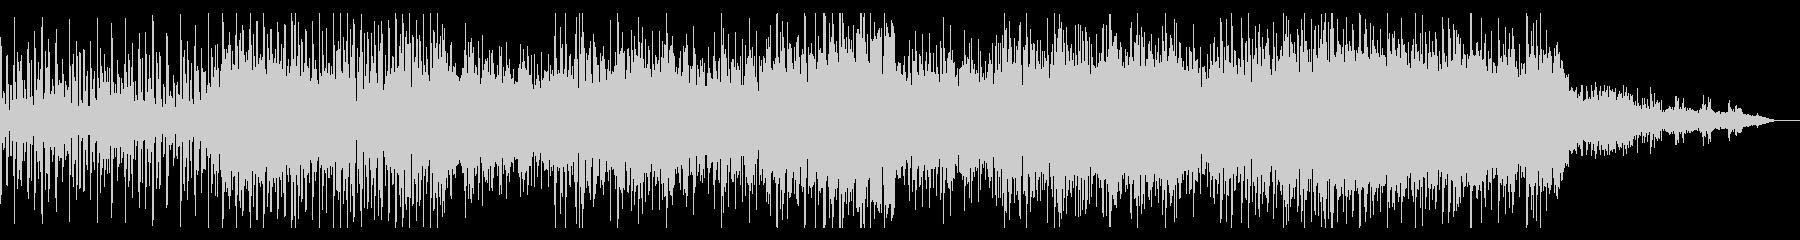 ダークで徐々に迫るアンビエントIDMの未再生の波形